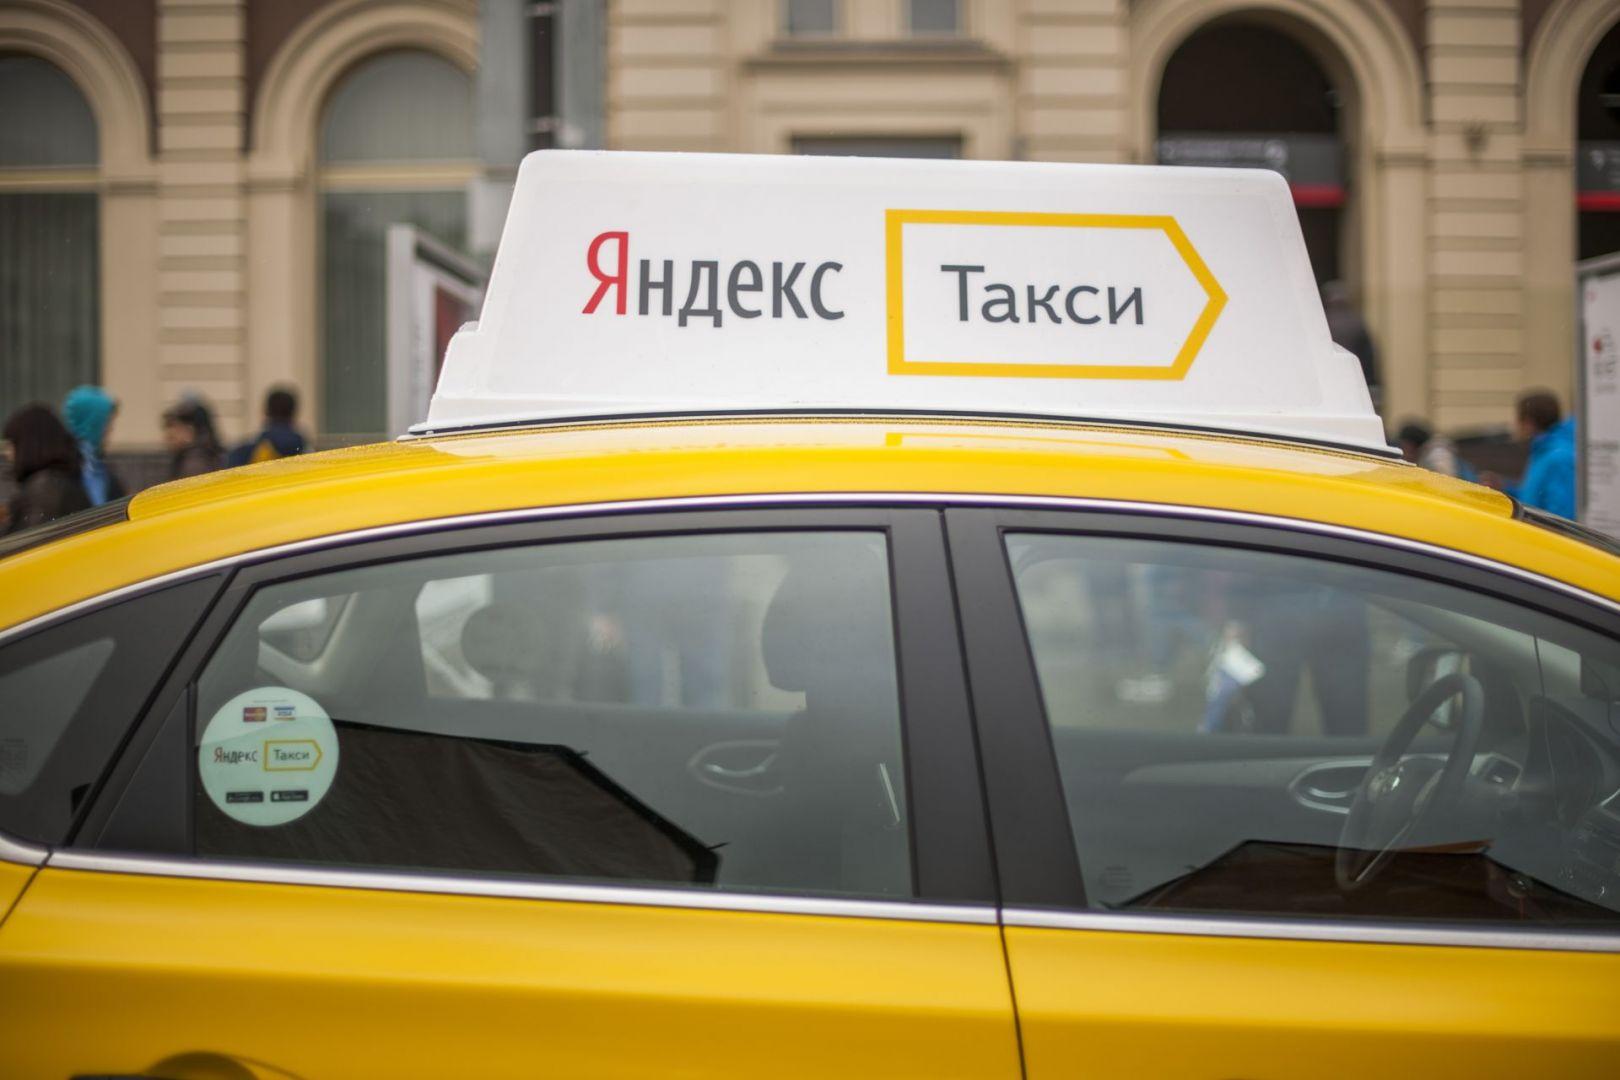 Таксист трахает пассажирку чтоб расплатится онлайн лесбиянка онлайн порно